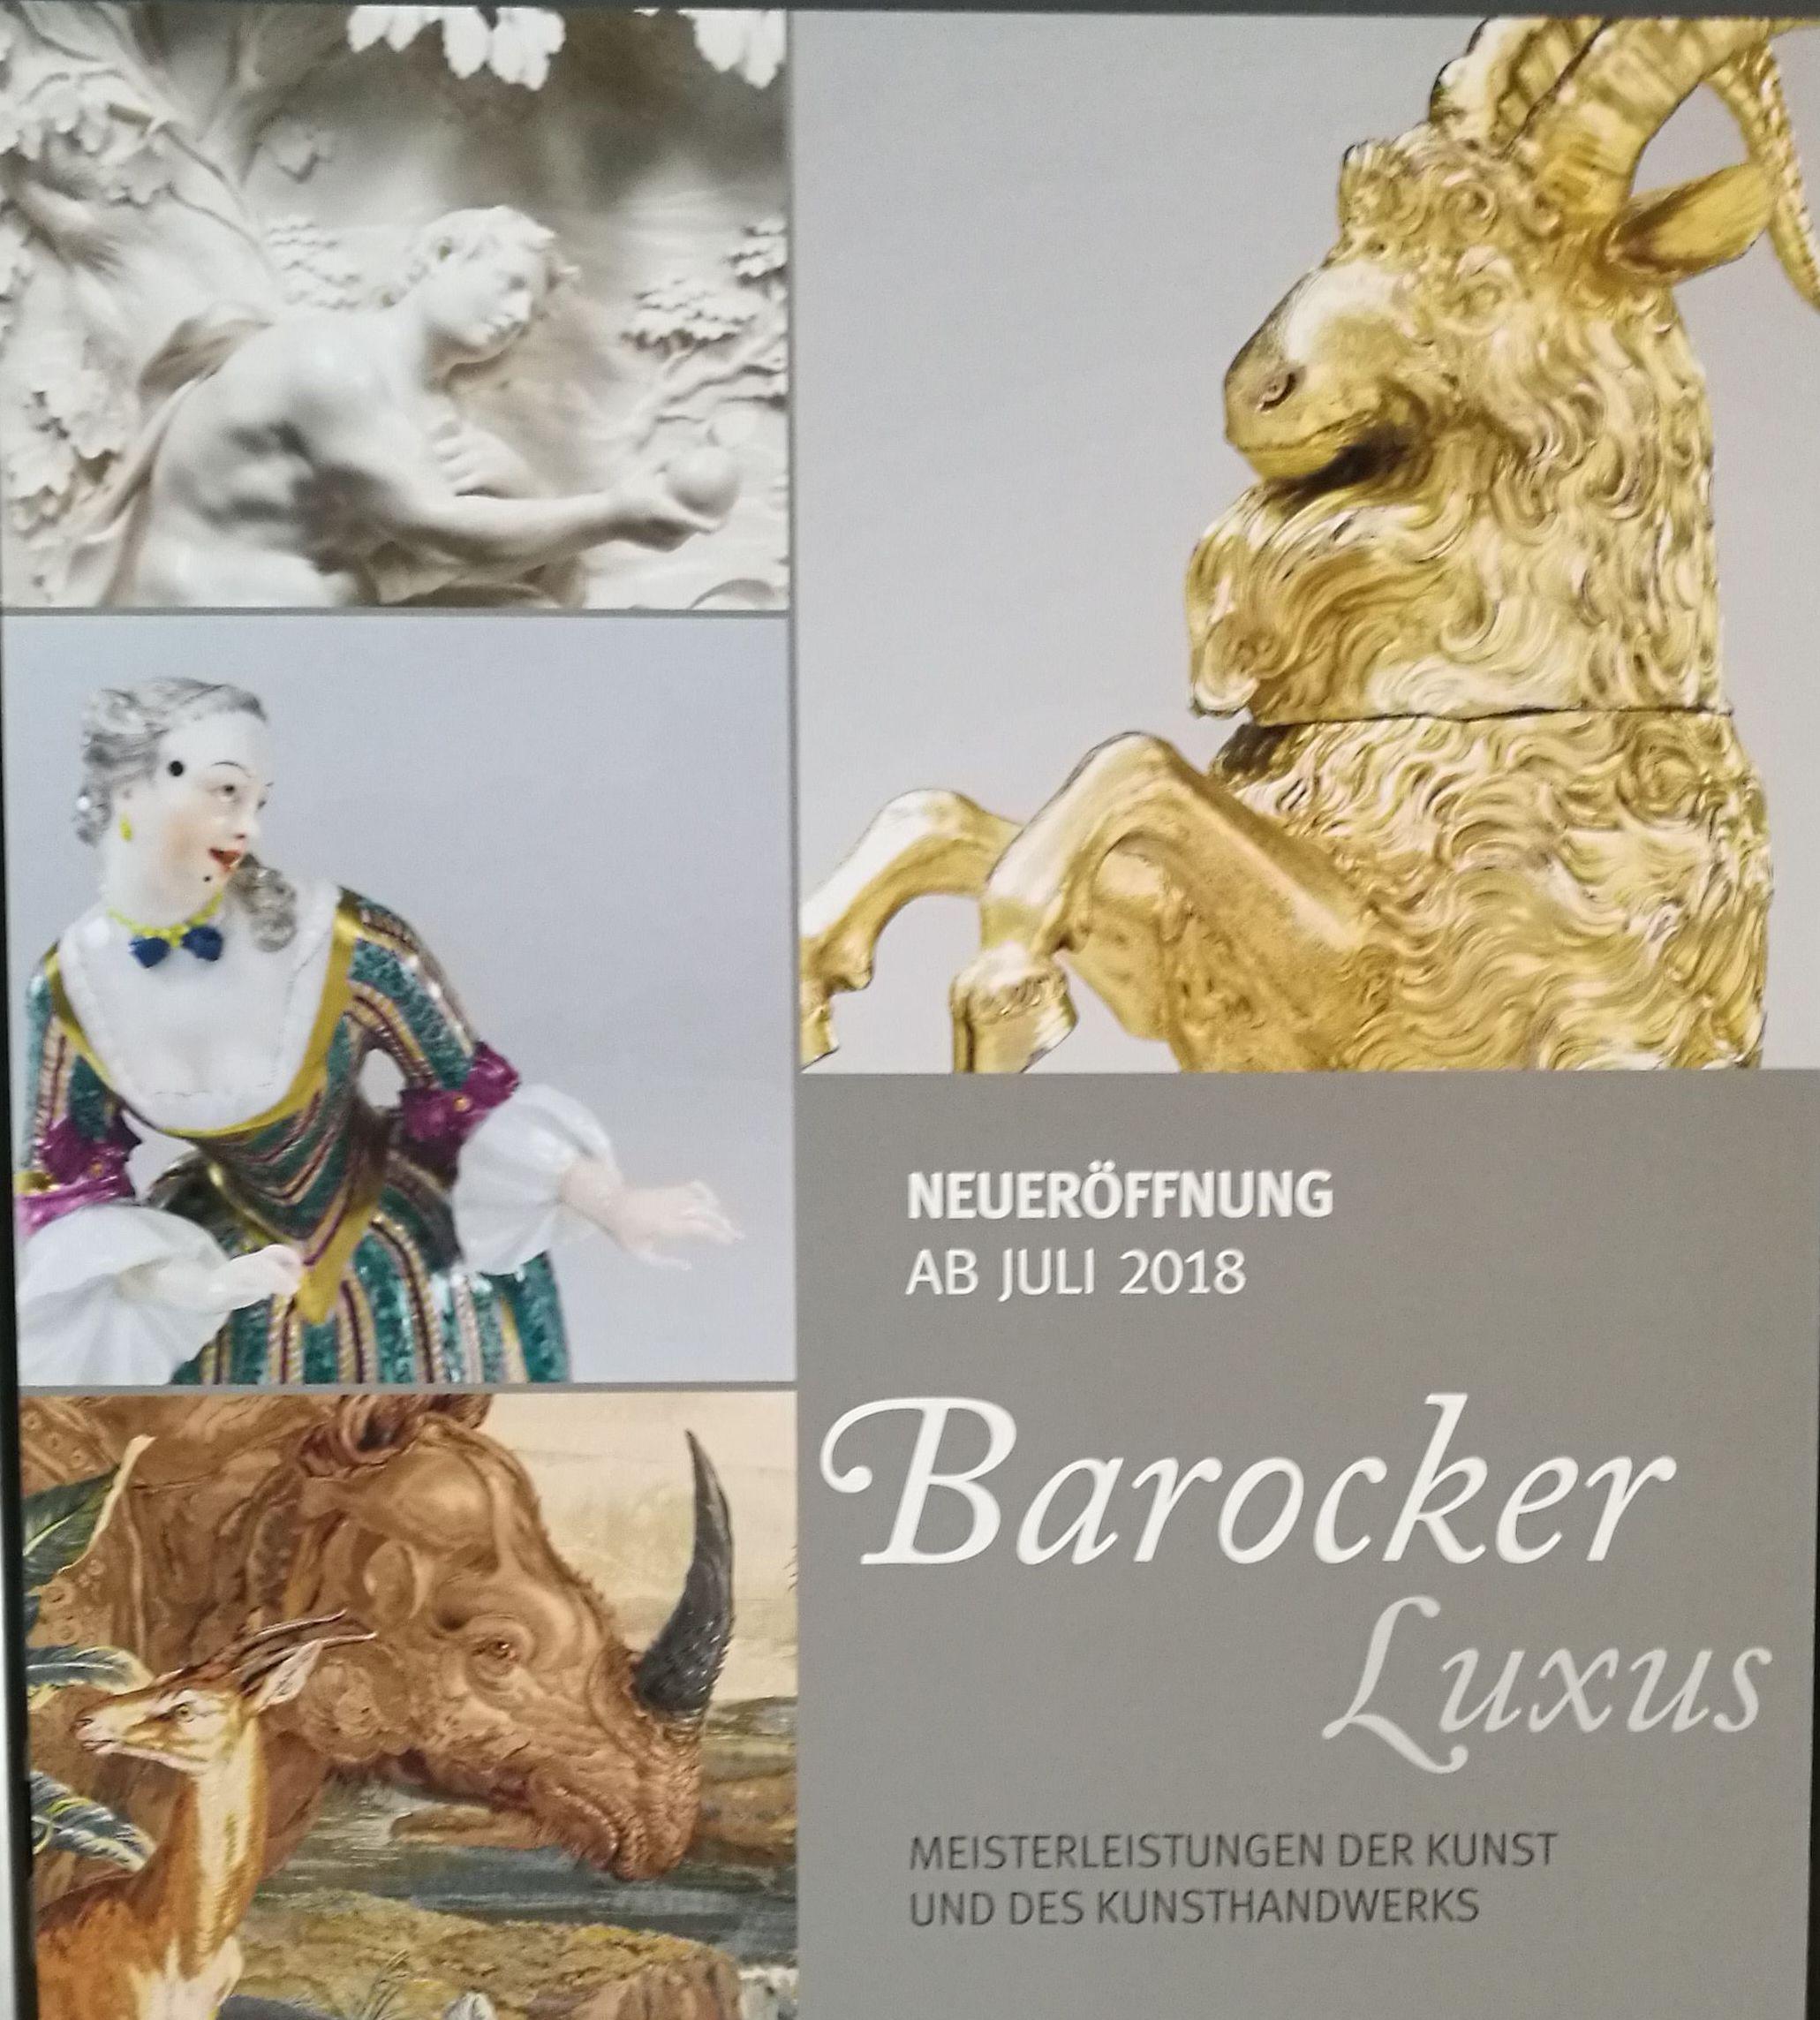 Barocker Luxus Bayerisches Nationalmuseum